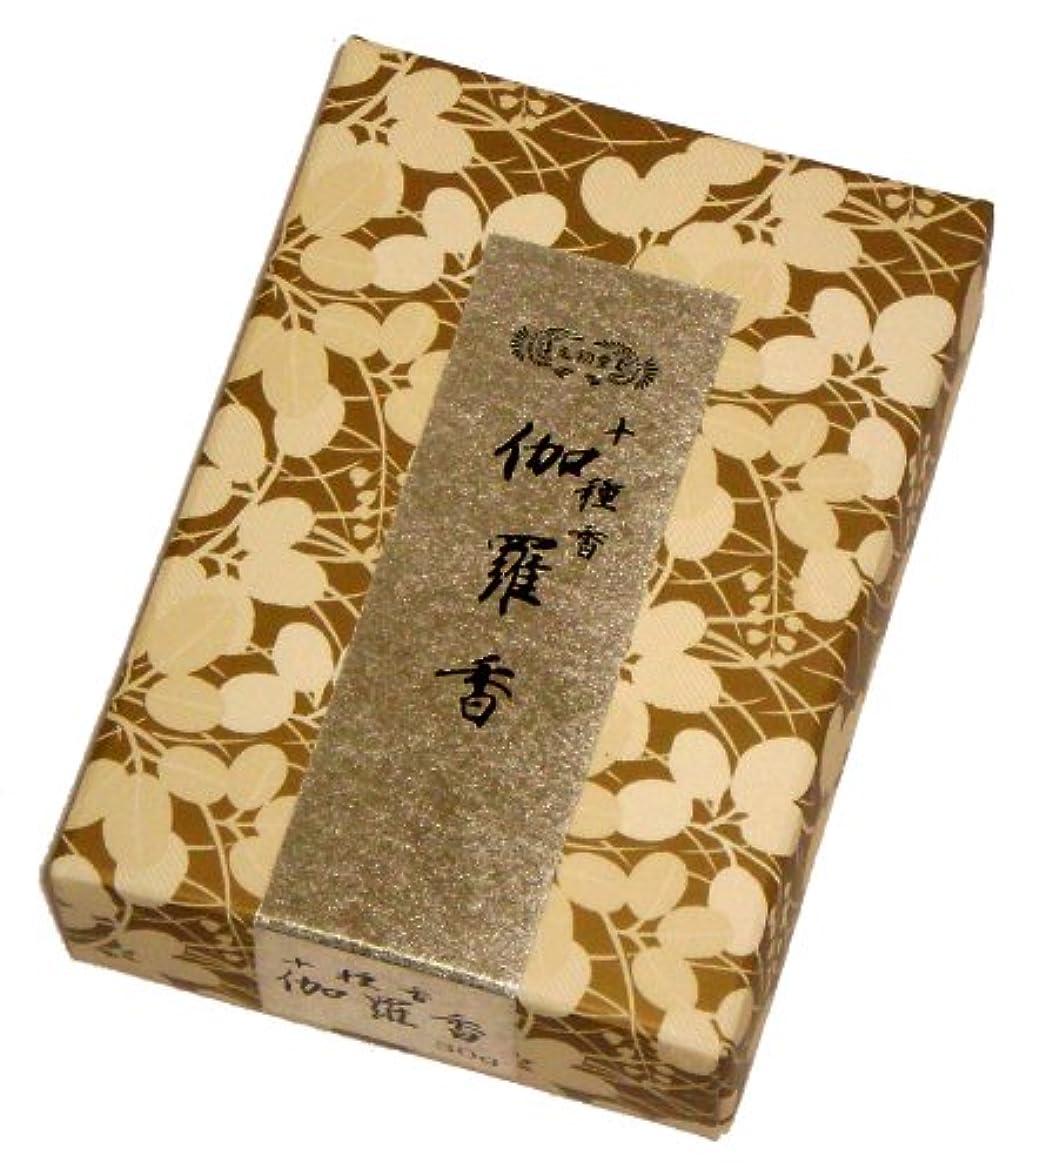 ゆりジュース同意玉初堂のお香 伽羅香 30g #535